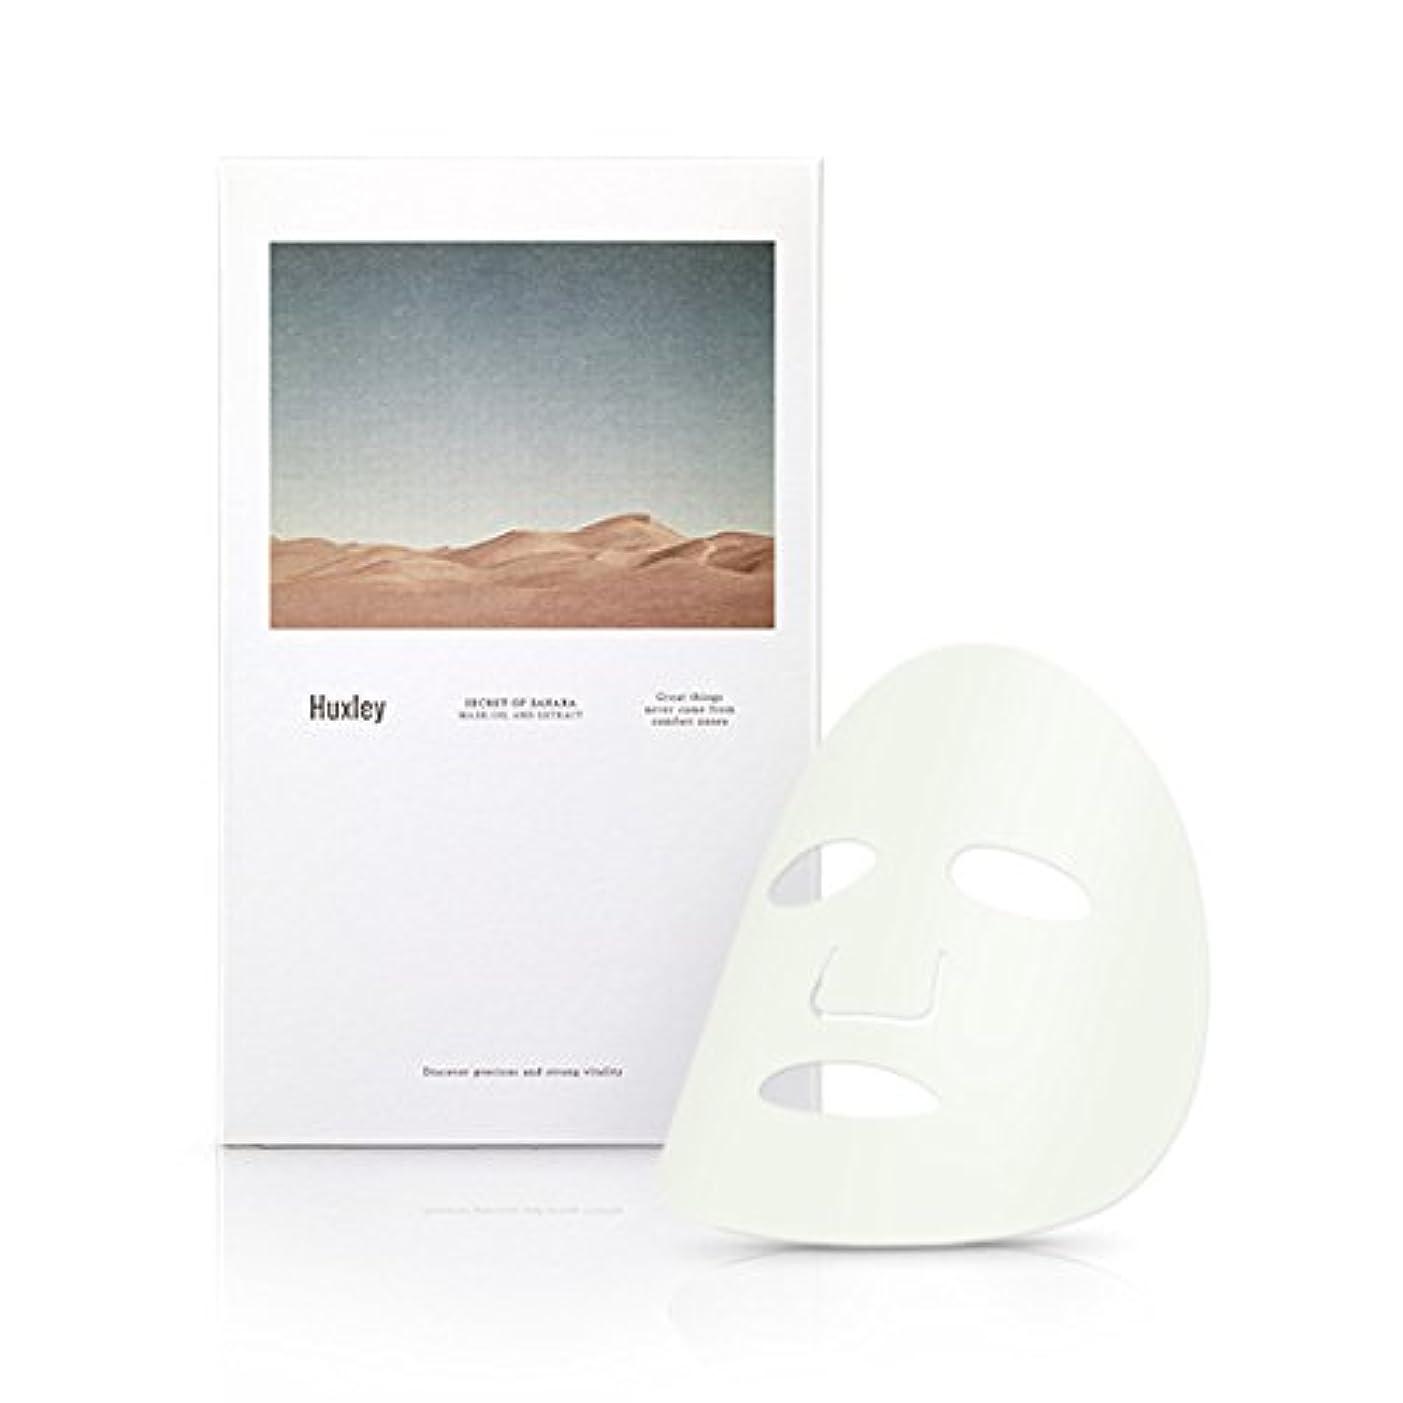 航空機最大化するラジカルHuxley Mask;Oil And Extract 25ml × 3ea/ハクスリー マスク;オイル アンド エクストラクト 25ml × 3枚 [並行輸入品]